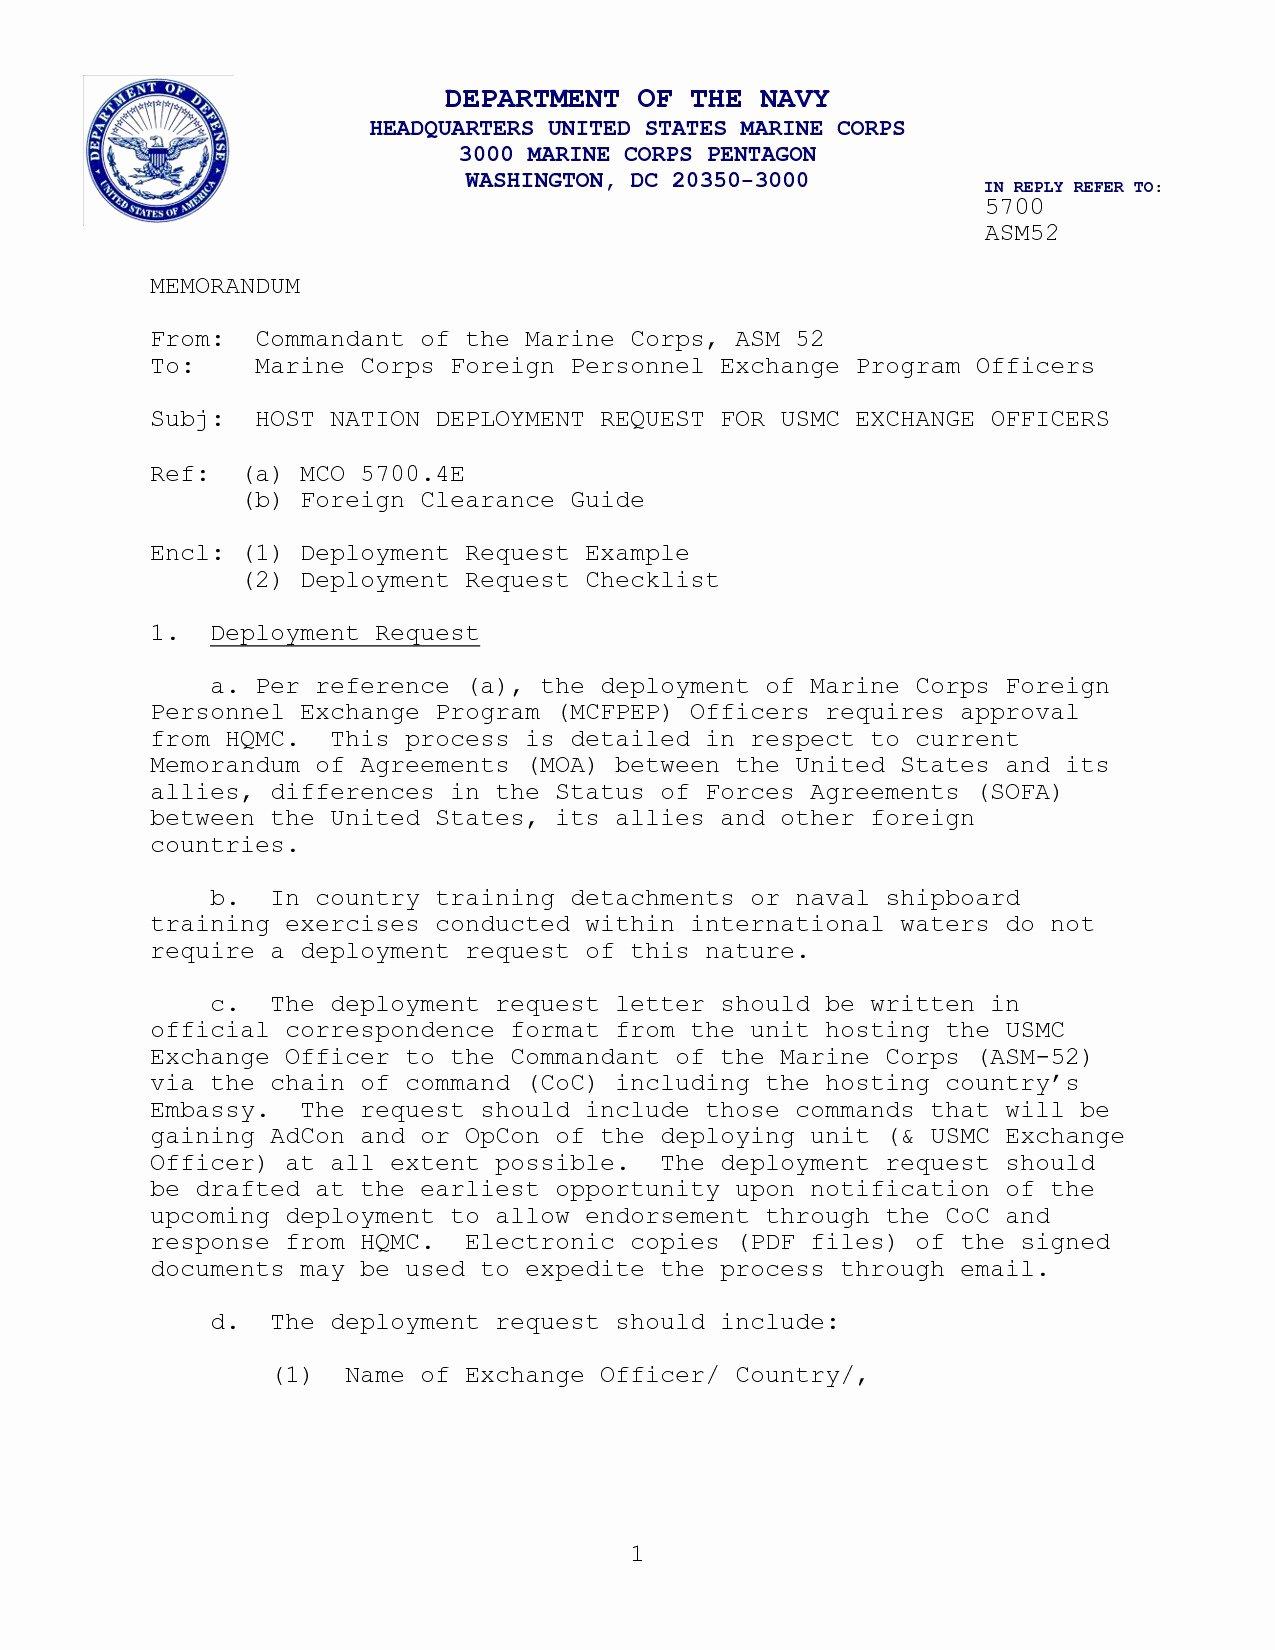 Standard Navy Letter Template Lovely Navy Designation Letter format New Blank Usps Letterhead